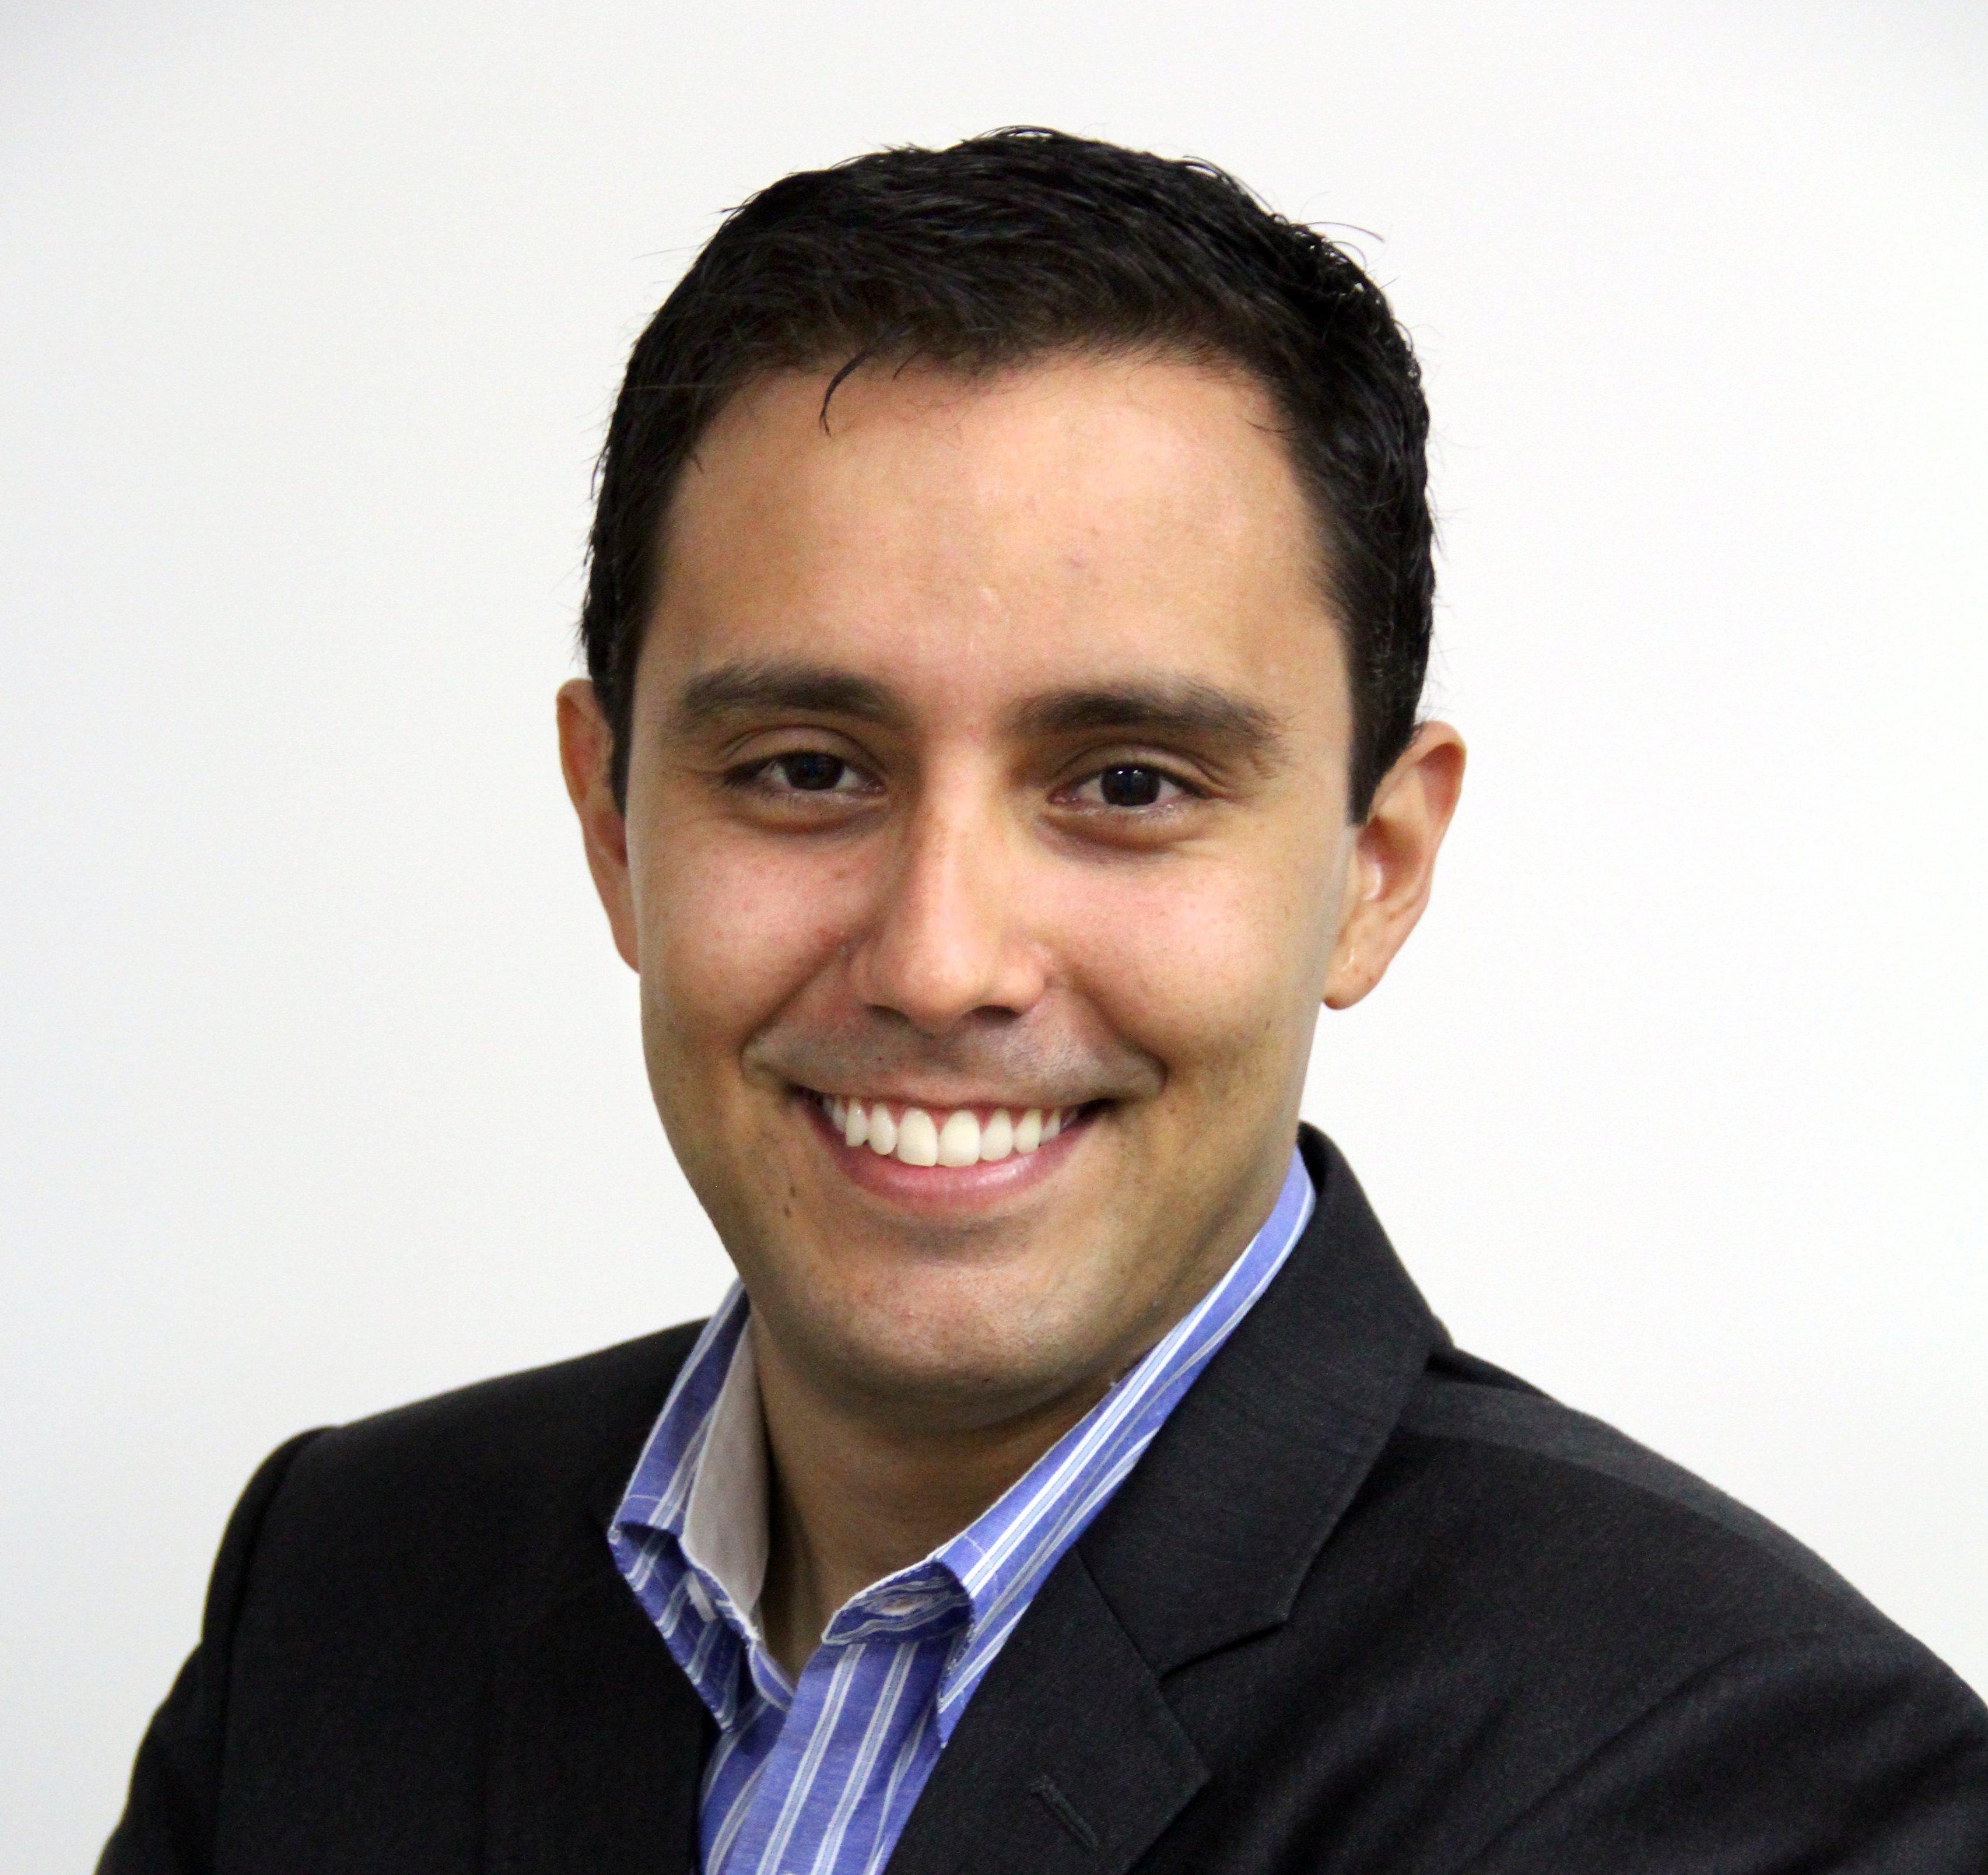 Conrado Navarro contato para contratar palestras 11 3090-7890